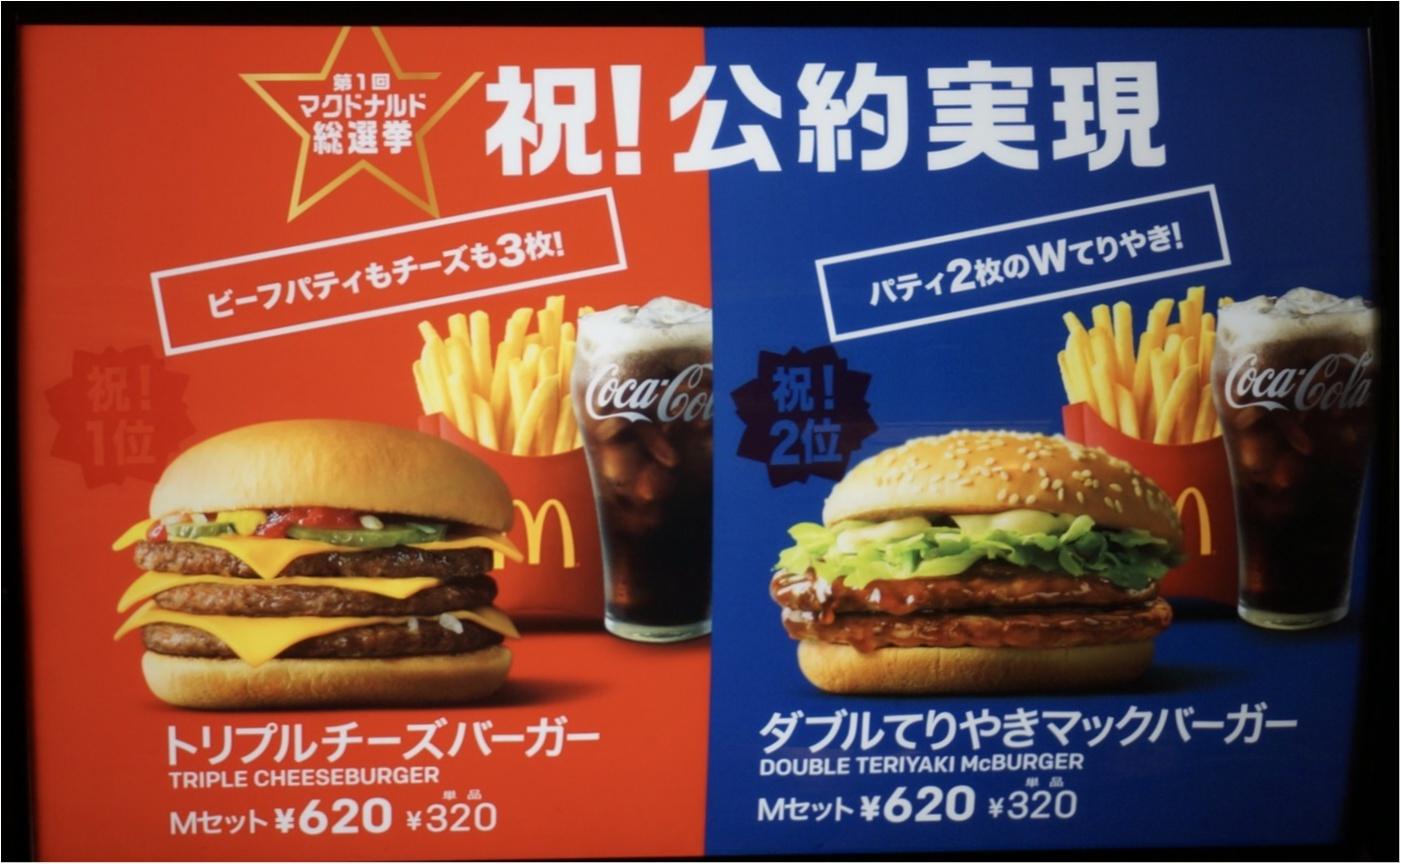 《食べられるのはあと4日間だけ‼︎》祝✨公約実現‼︎ビーフパティとチーズが3倍になった【マクドナルド】のトリプルチーズバーガーがすごいっ♡_1